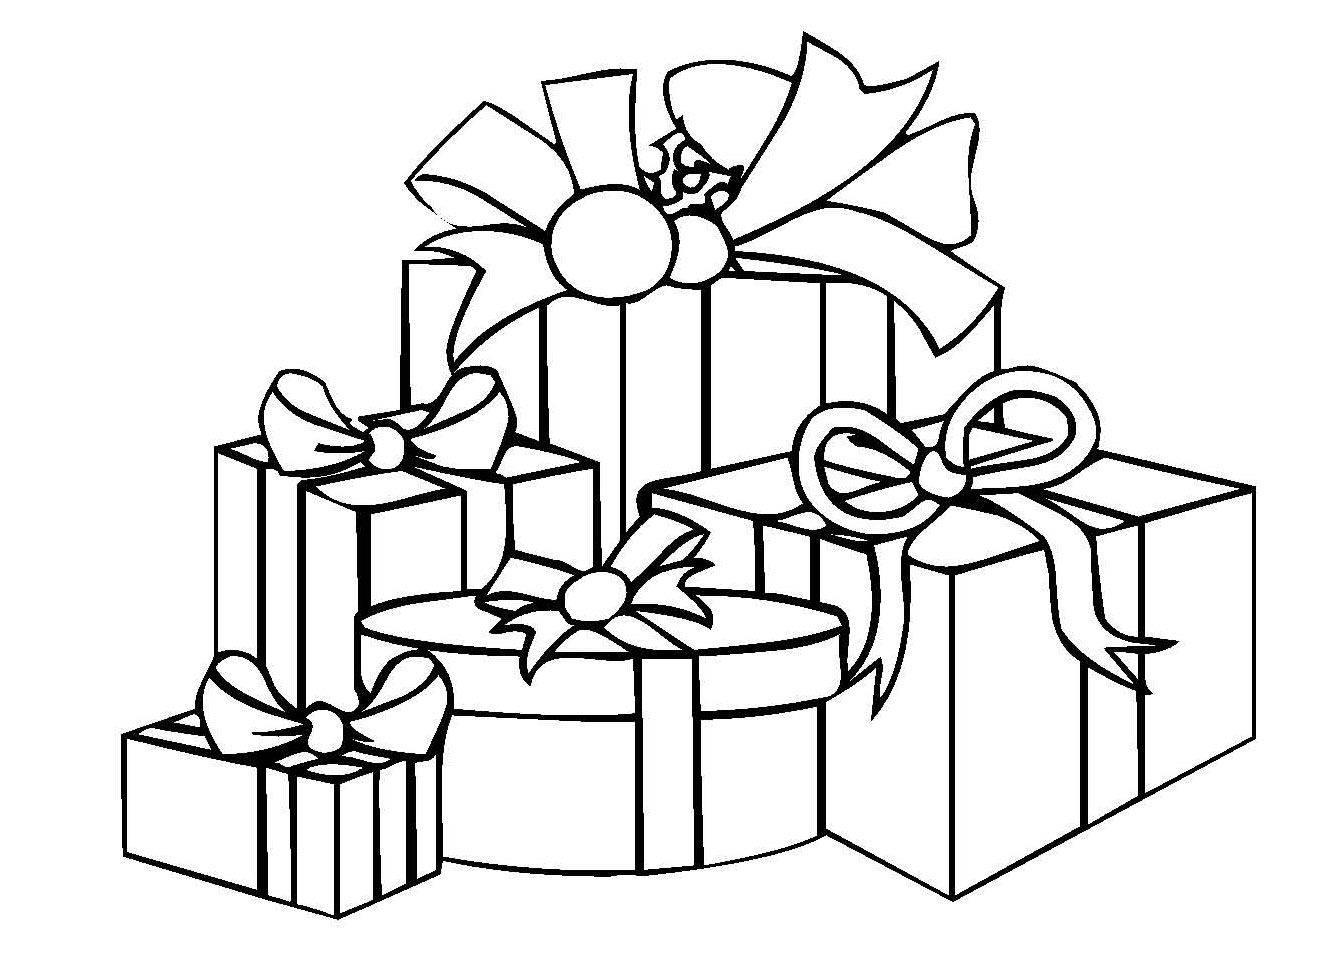 Kostenlose Malvorlage Weihnachten: Weihnachtsgeschenke zum Ausmalen